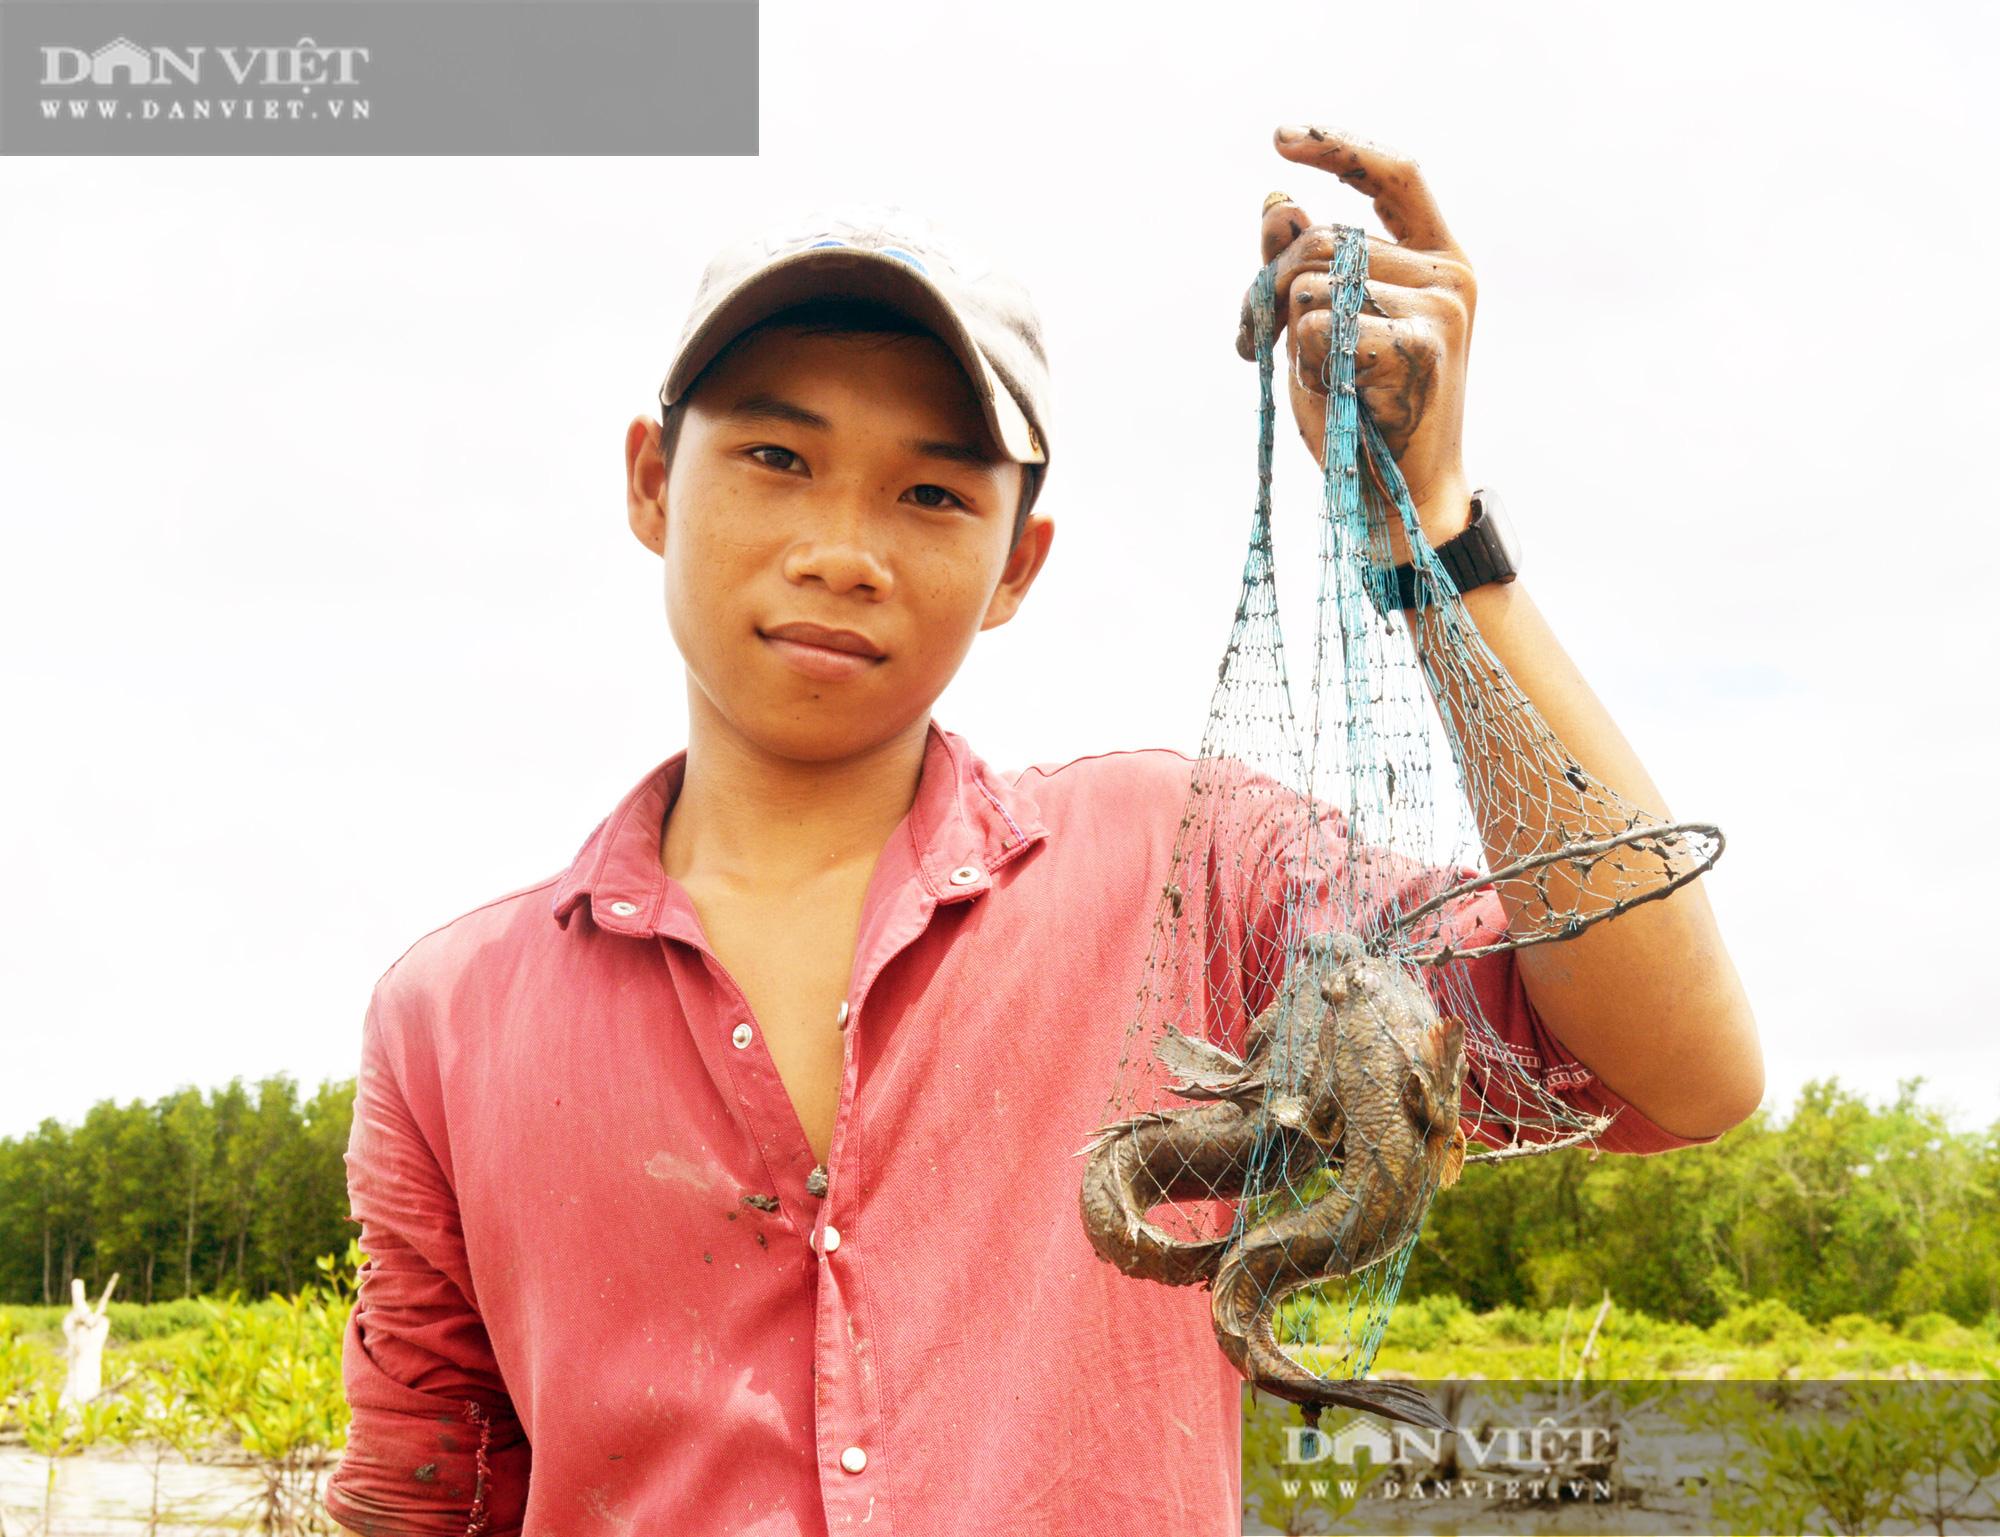 """Nuôi tôm hung dữ, bắt cá leo cây, và cơ man đặc sản """"độc, lạ"""" ở tỉnh Cà Mau, nhìn thôi đã thấy thèm Logo-logo-dsc3385-16010505265401967020213"""